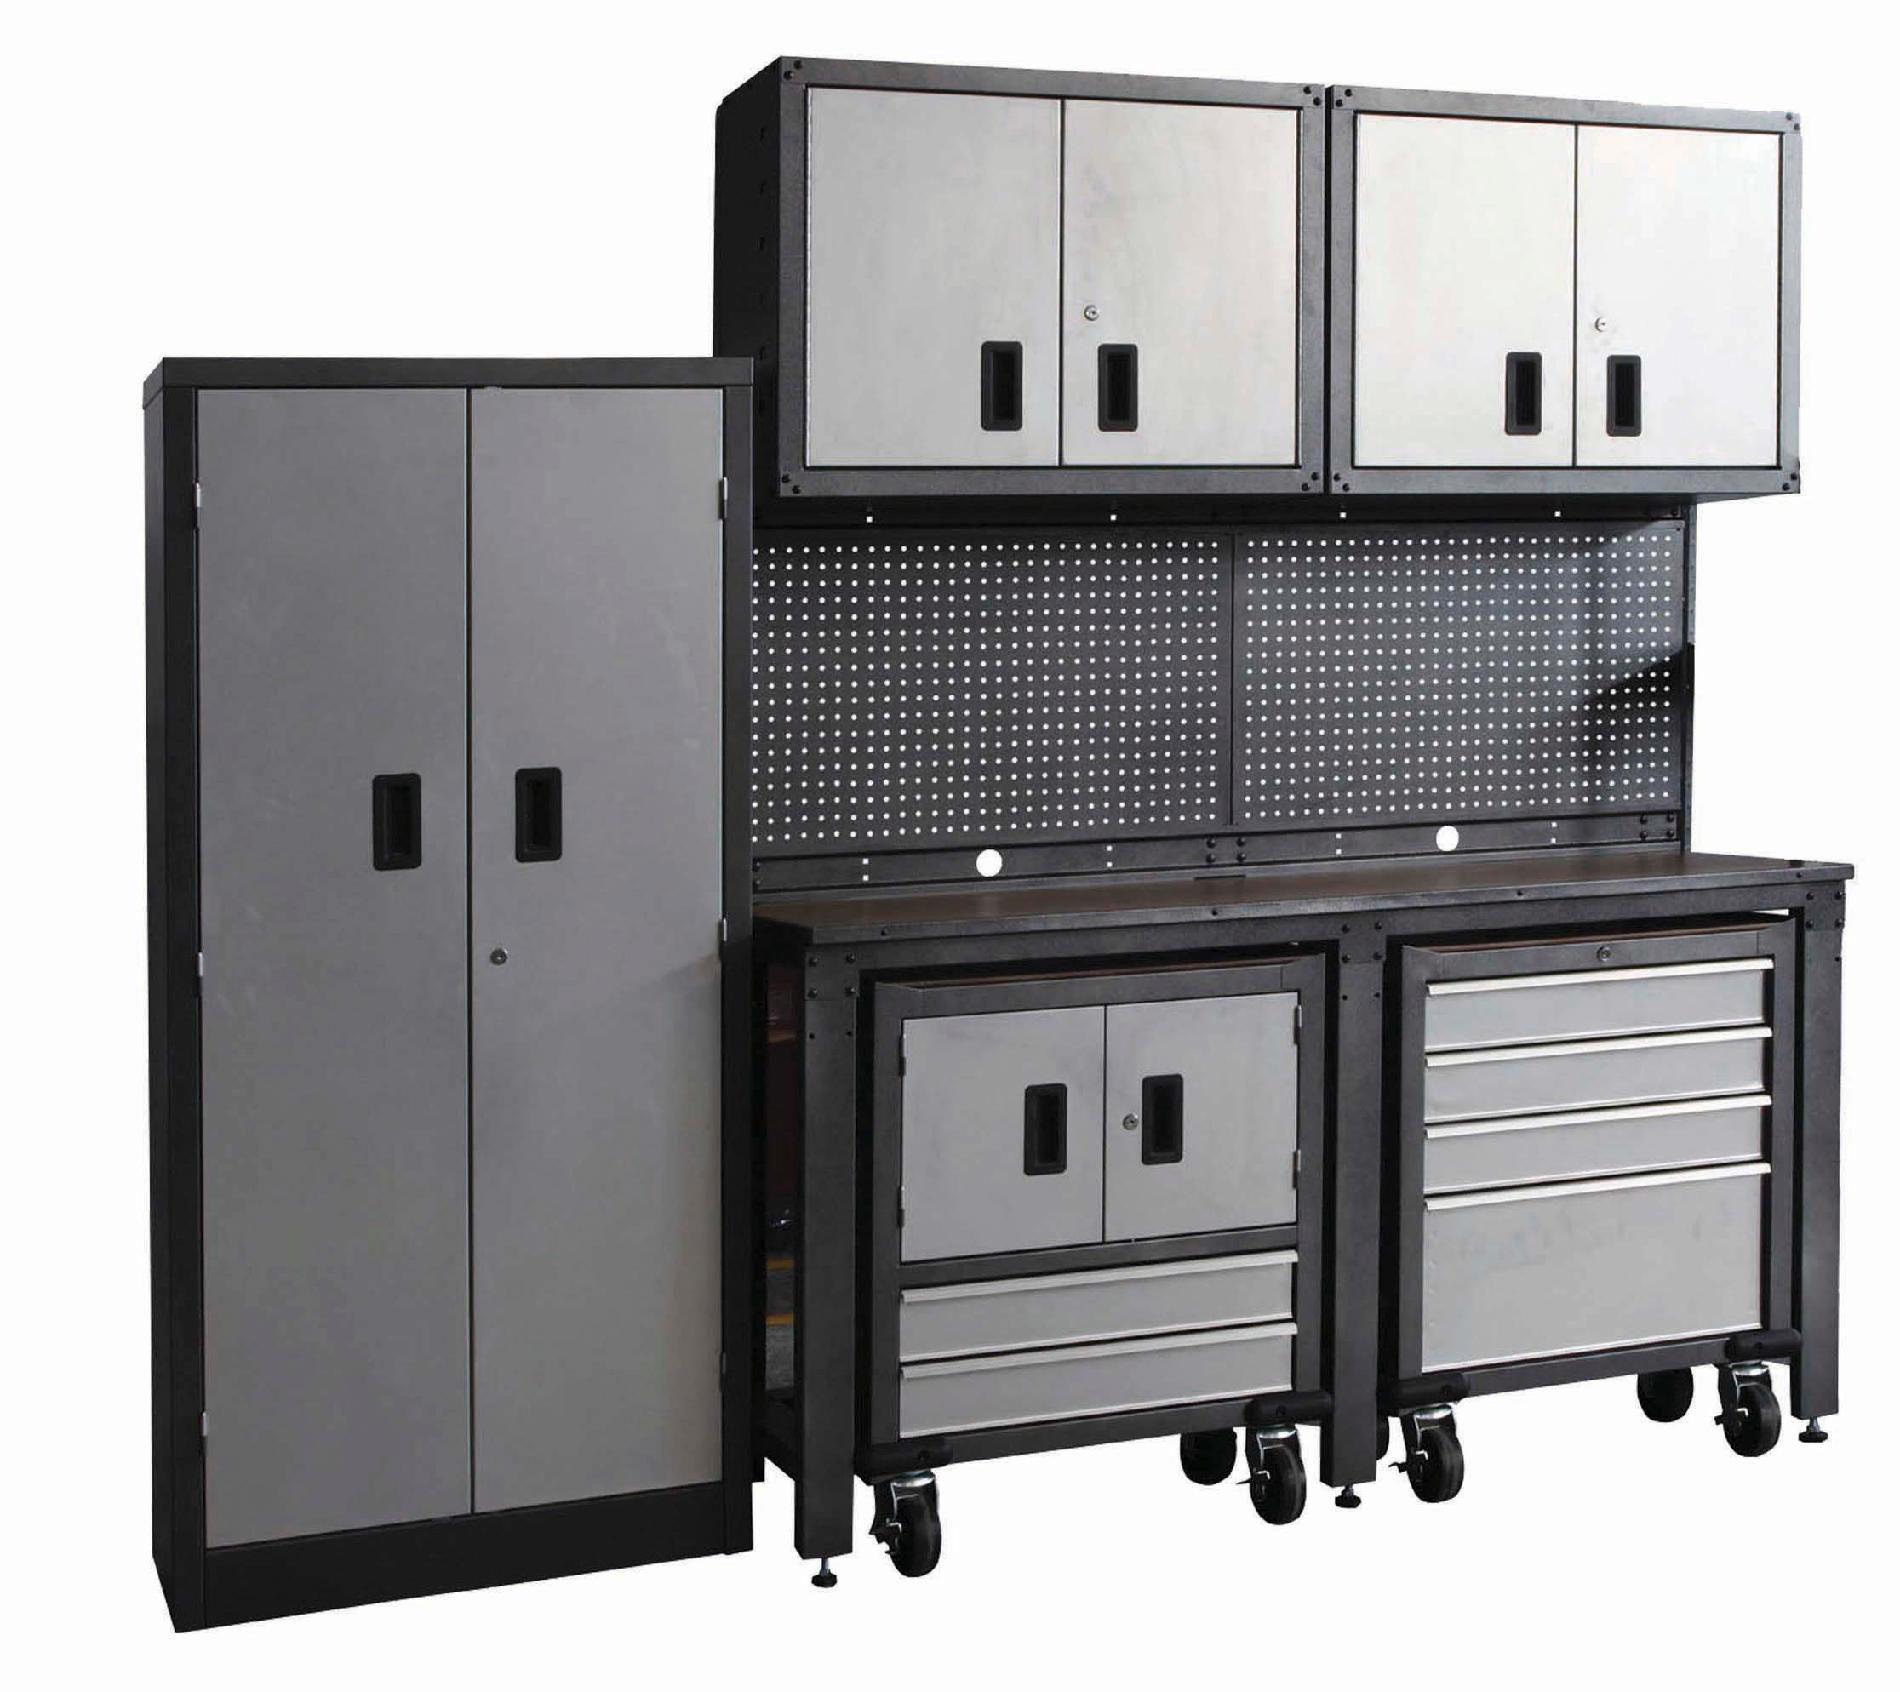 Garage Organization Systems  International 8 piece Garage Modular Storage System PLUS